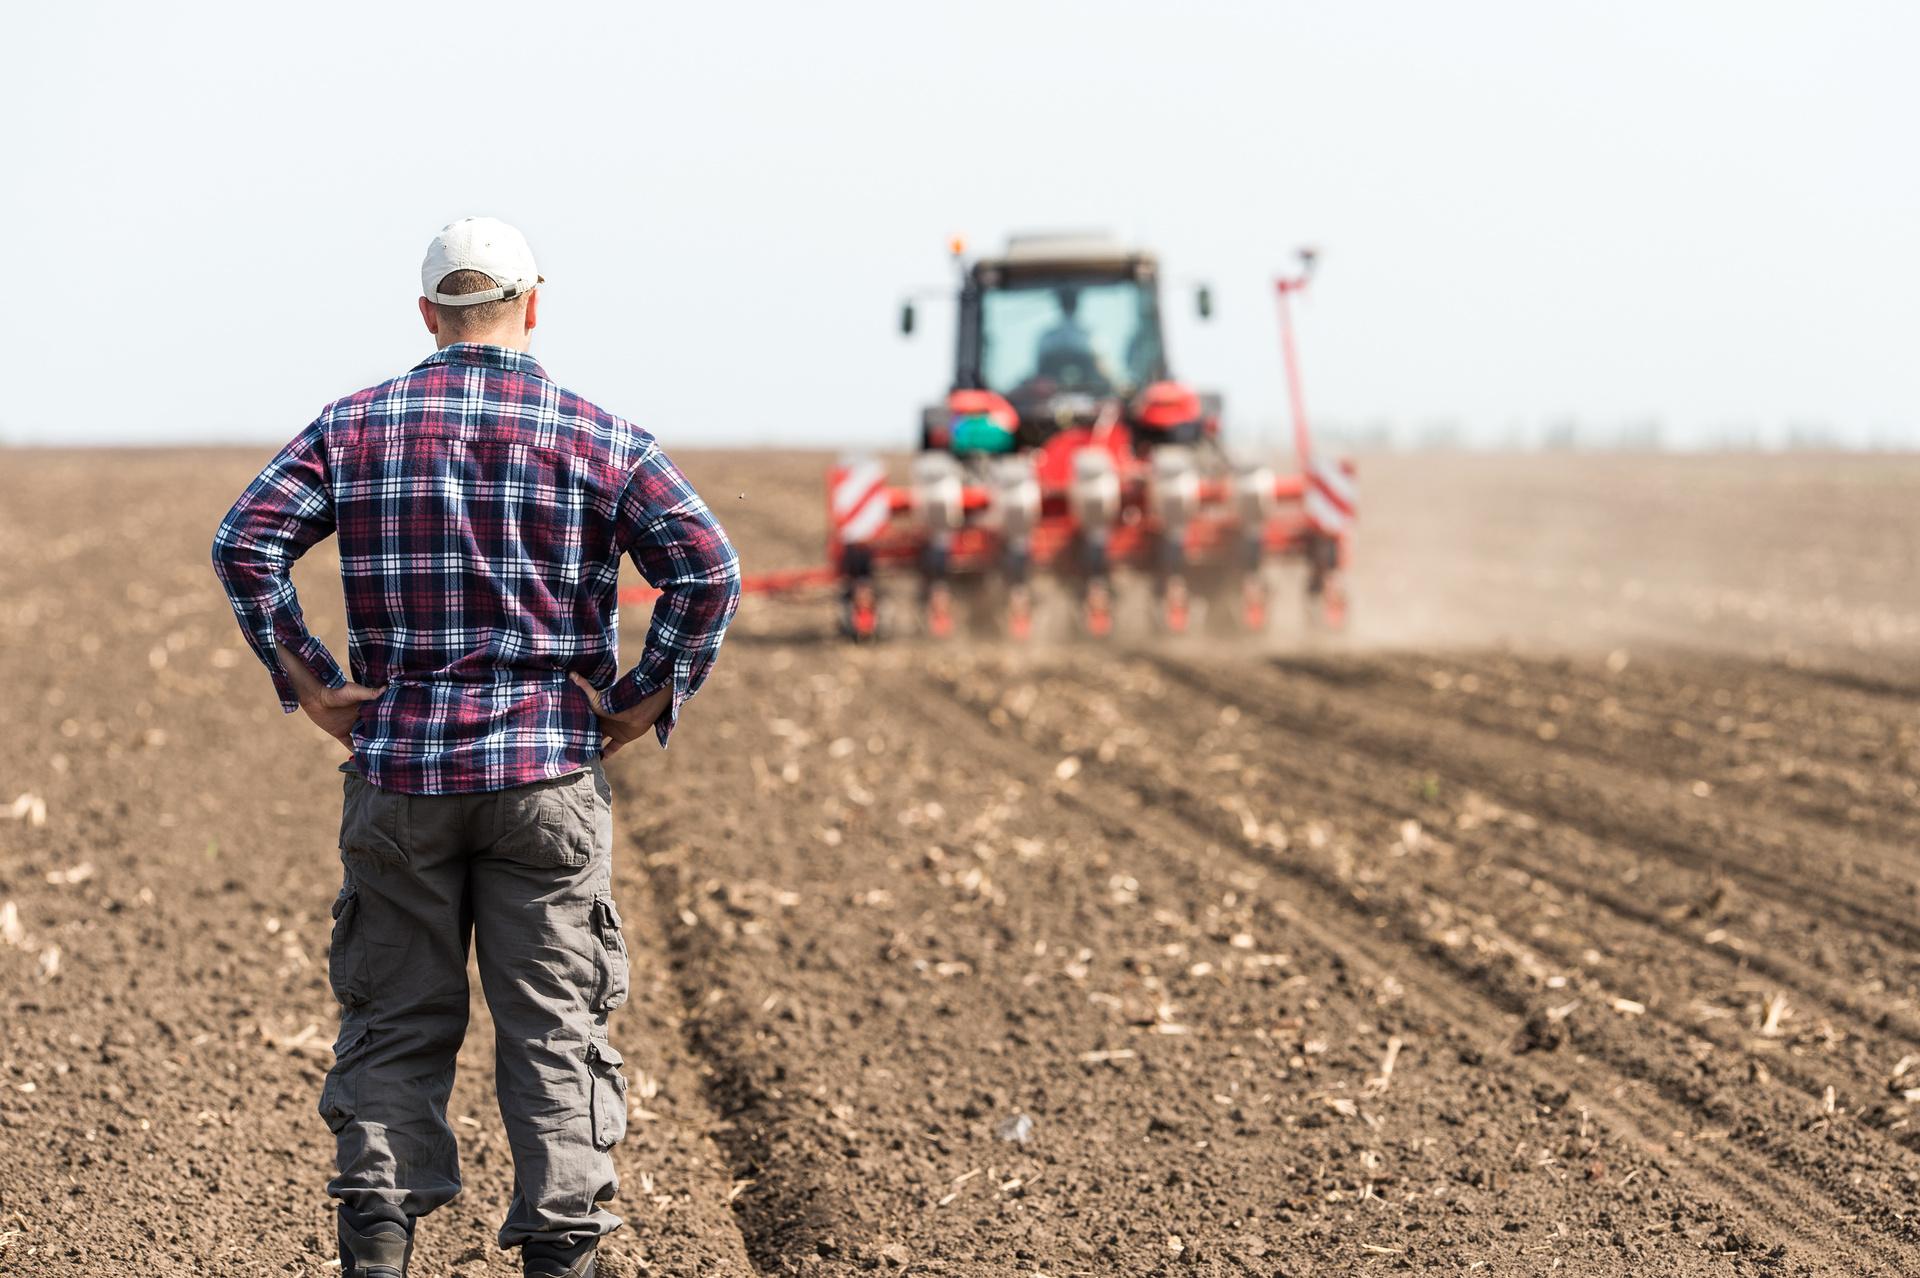 Jacqueline Rowarth: Farmers must regain prestige